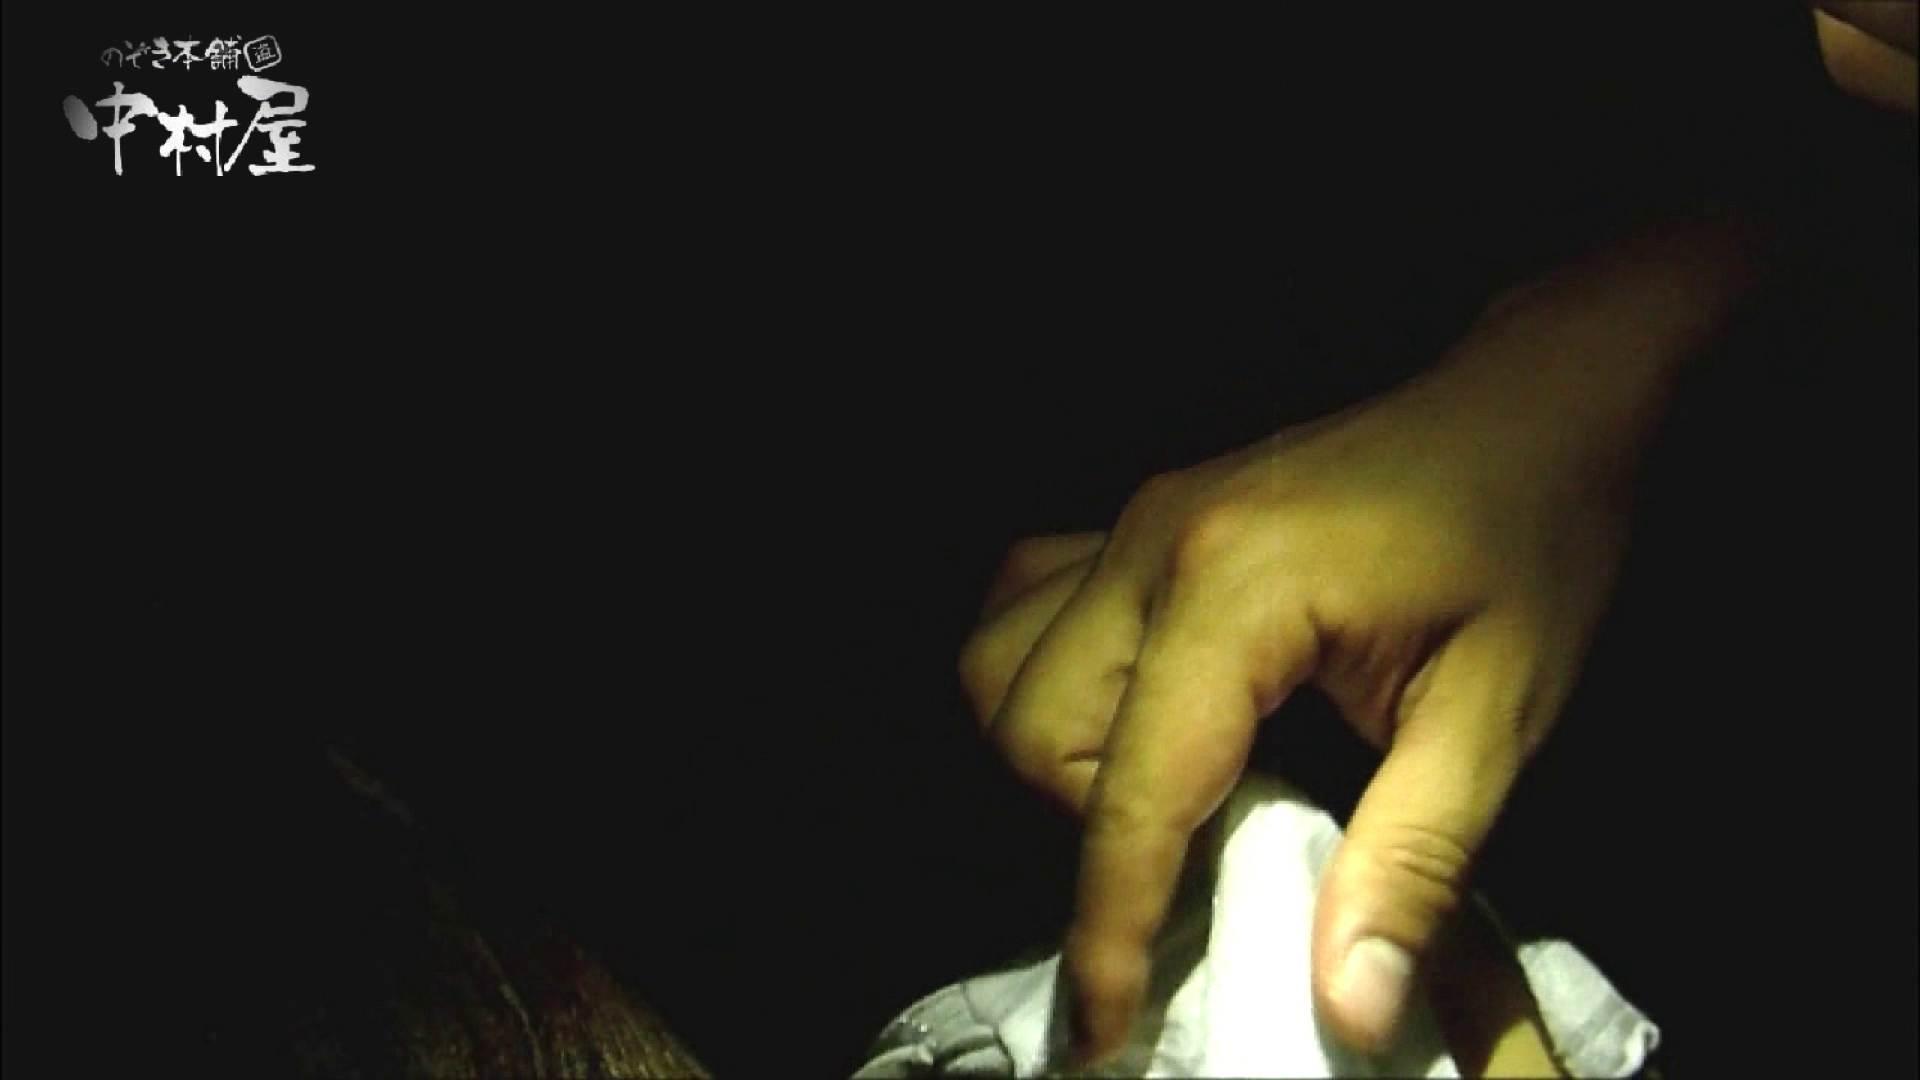 欲望 リアルドール Vol.01 Kちゃんショップ店員店員20歳 イタズラ オマンコ動画キャプチャ 71pic 11